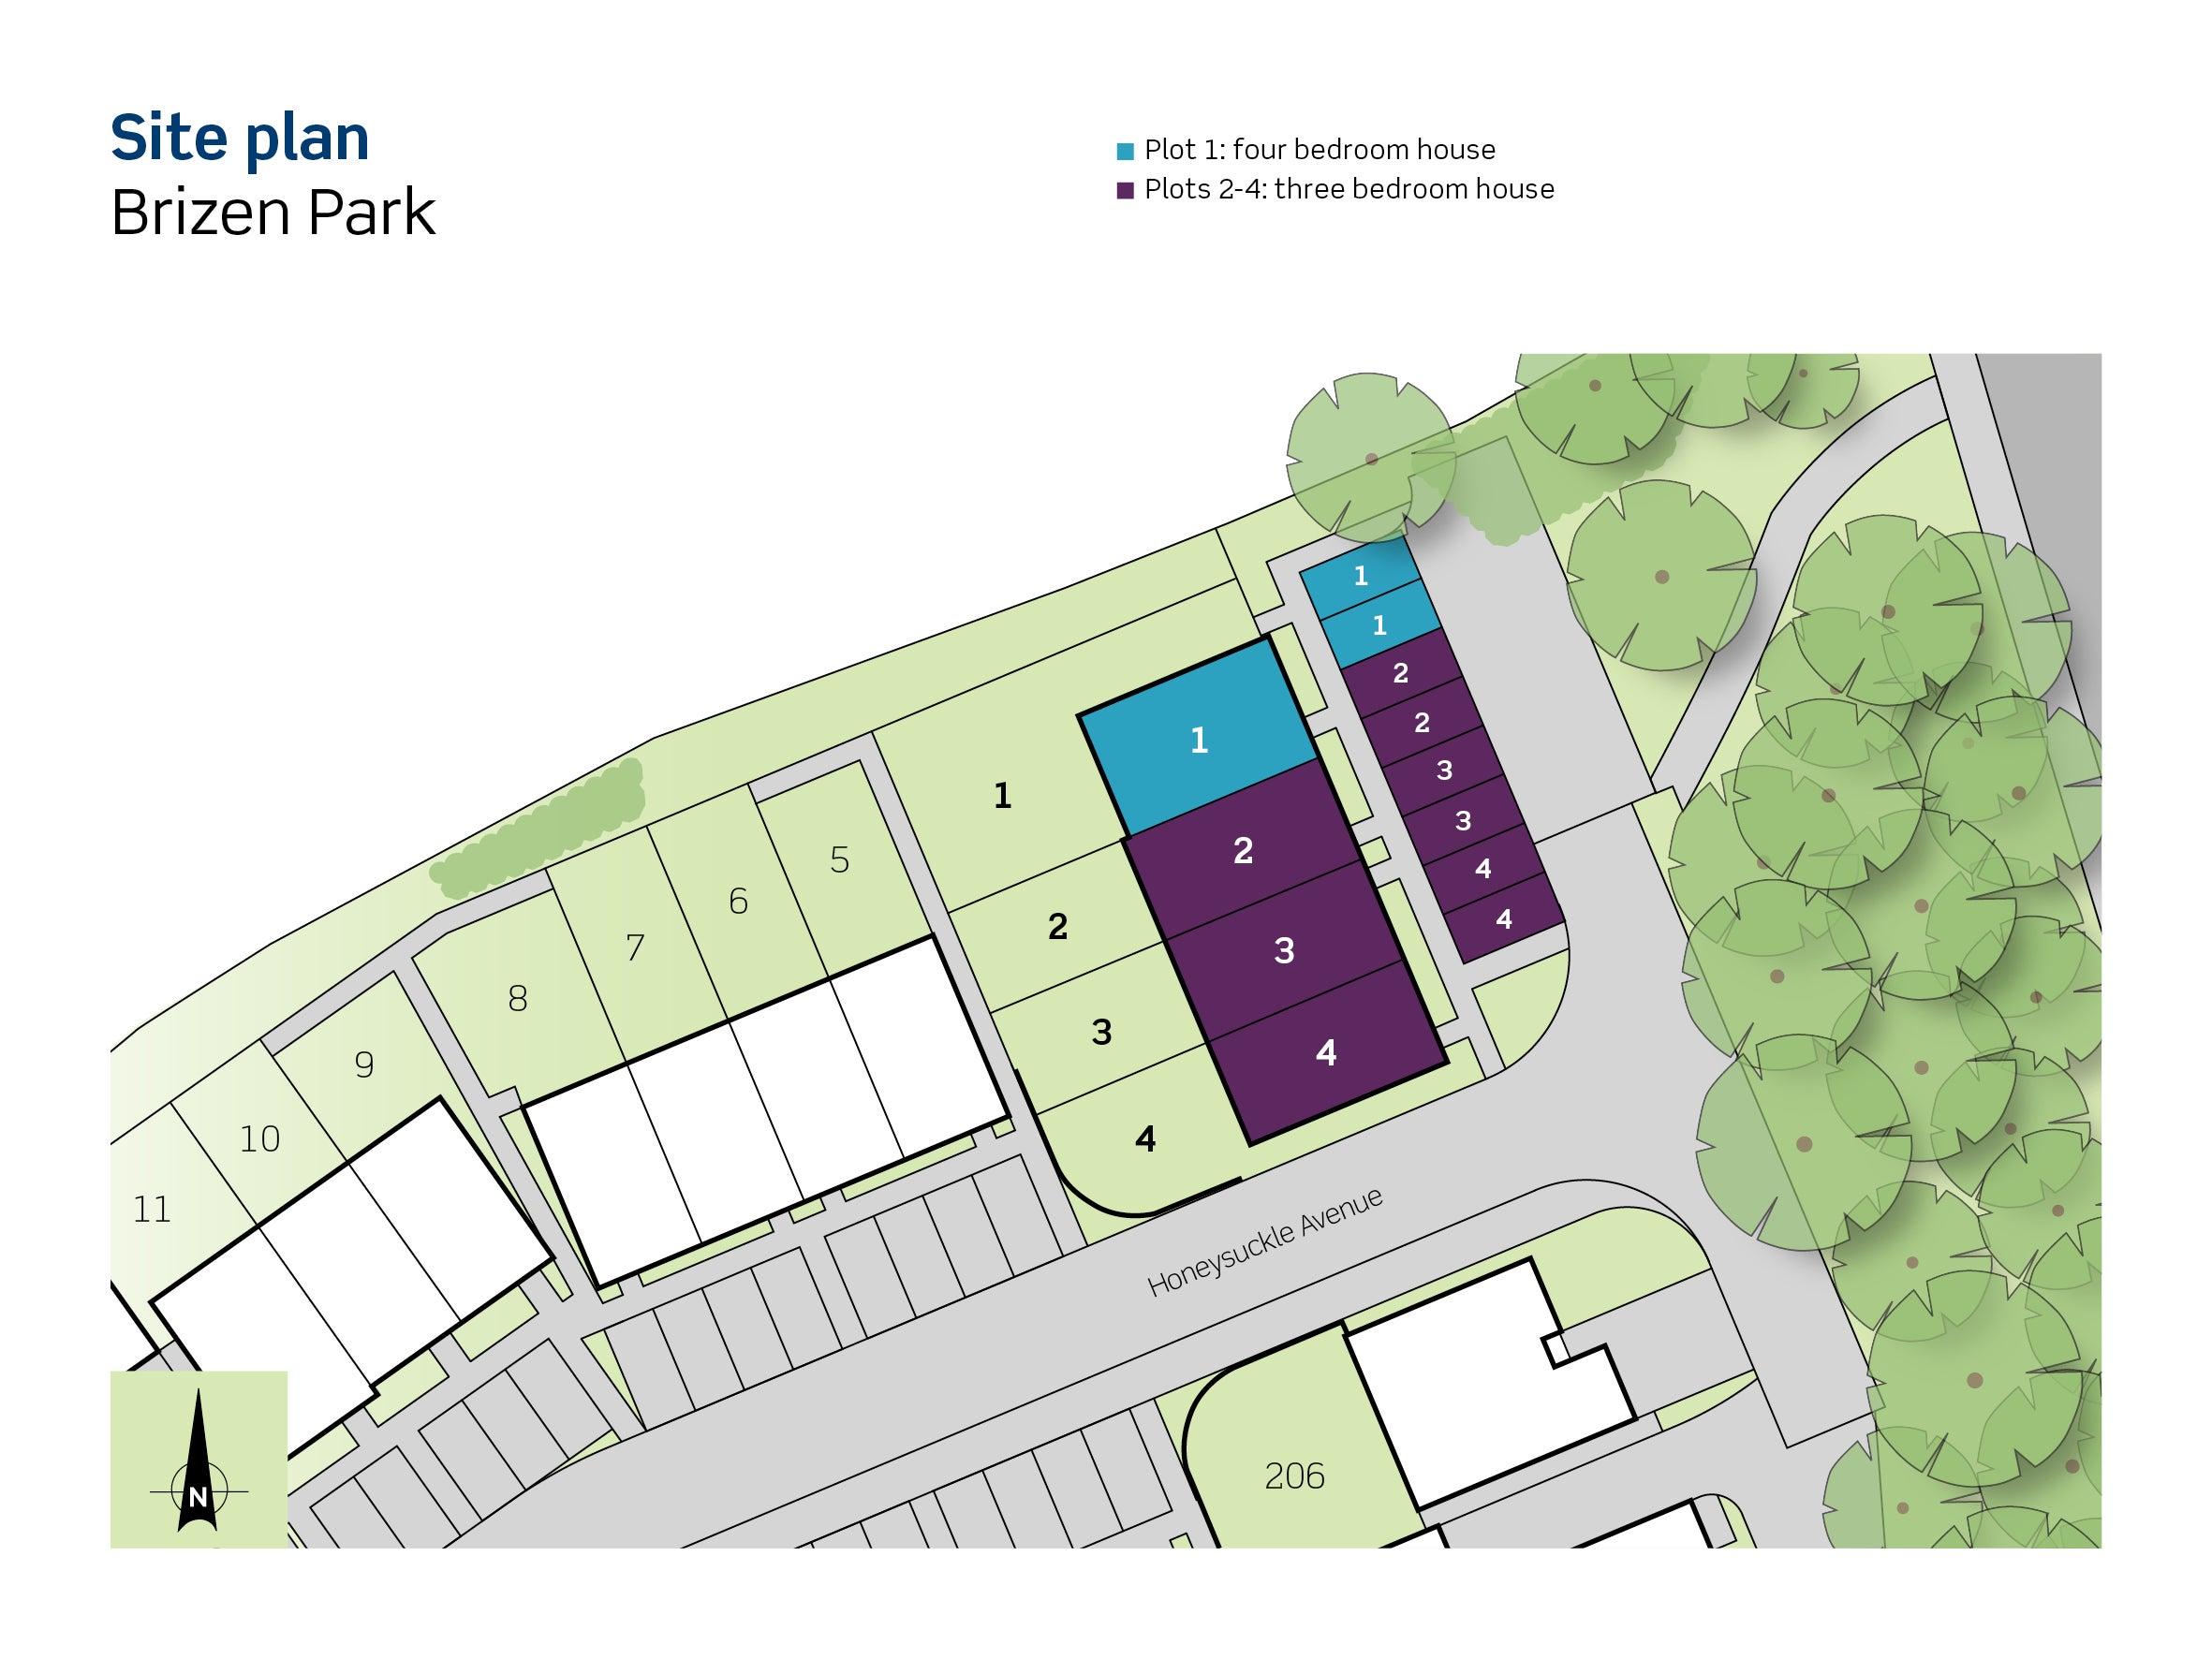 Brizen Park, site plan (plot 1 - 4)